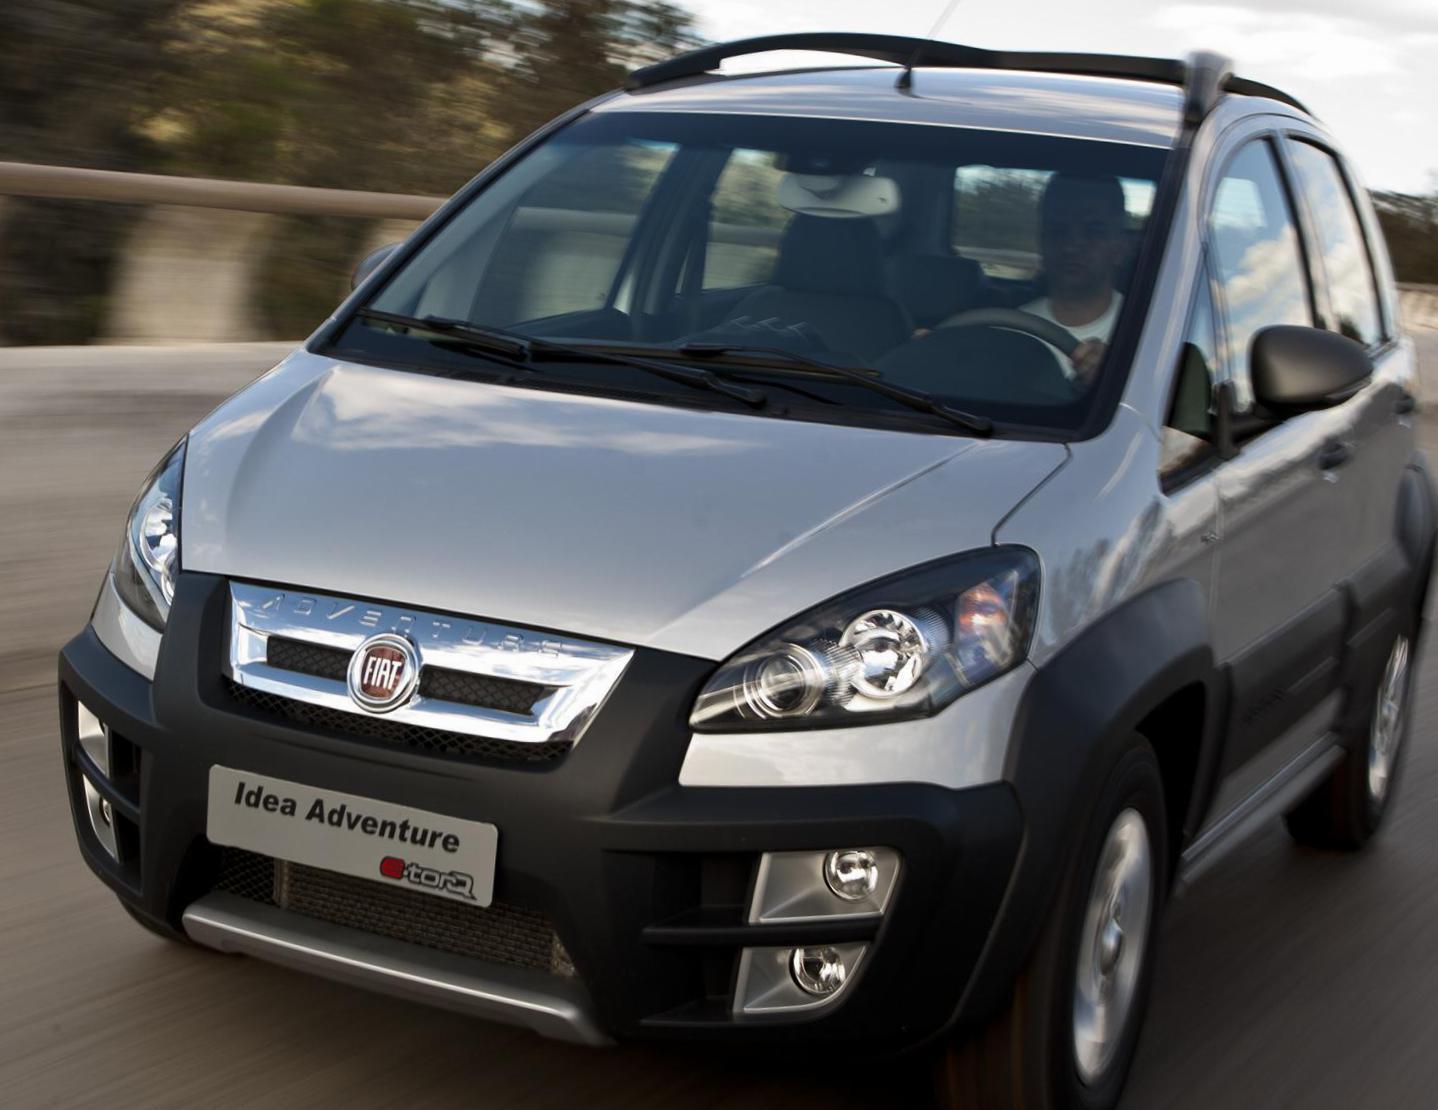 Fiat Idea Adventure Characteristics Van